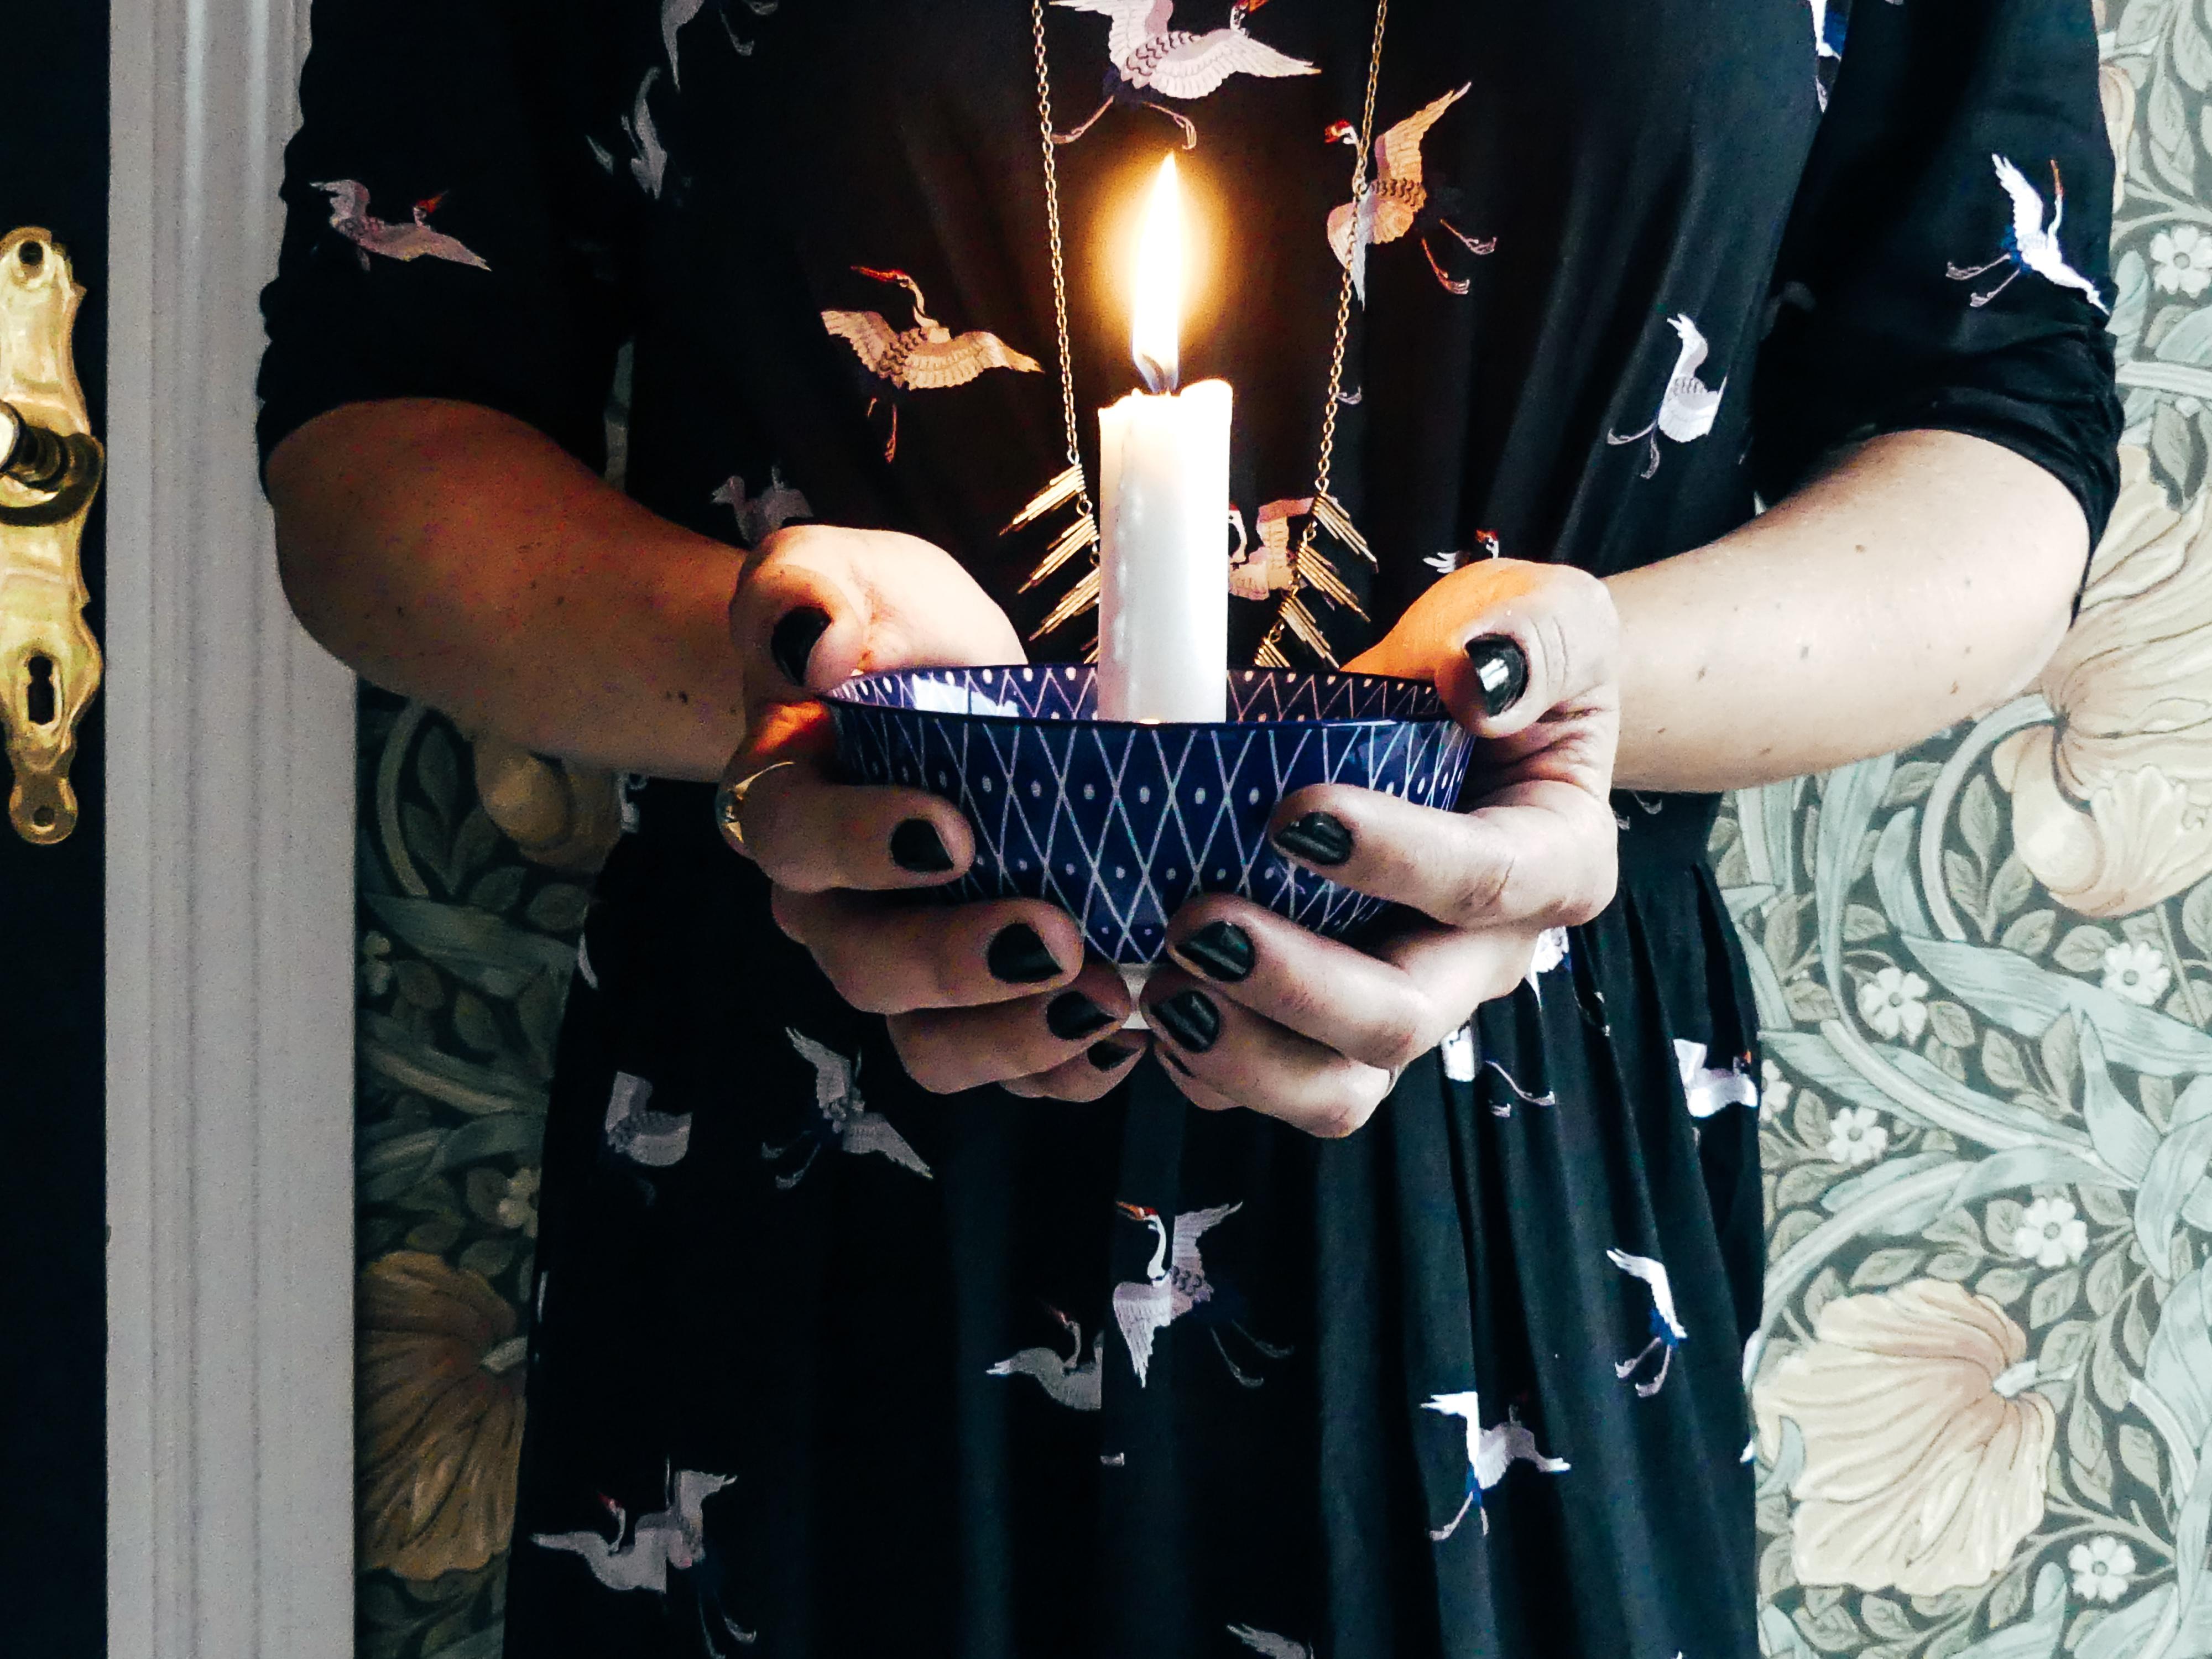 DIY – Bygg ljusstakar av gammalt porsin